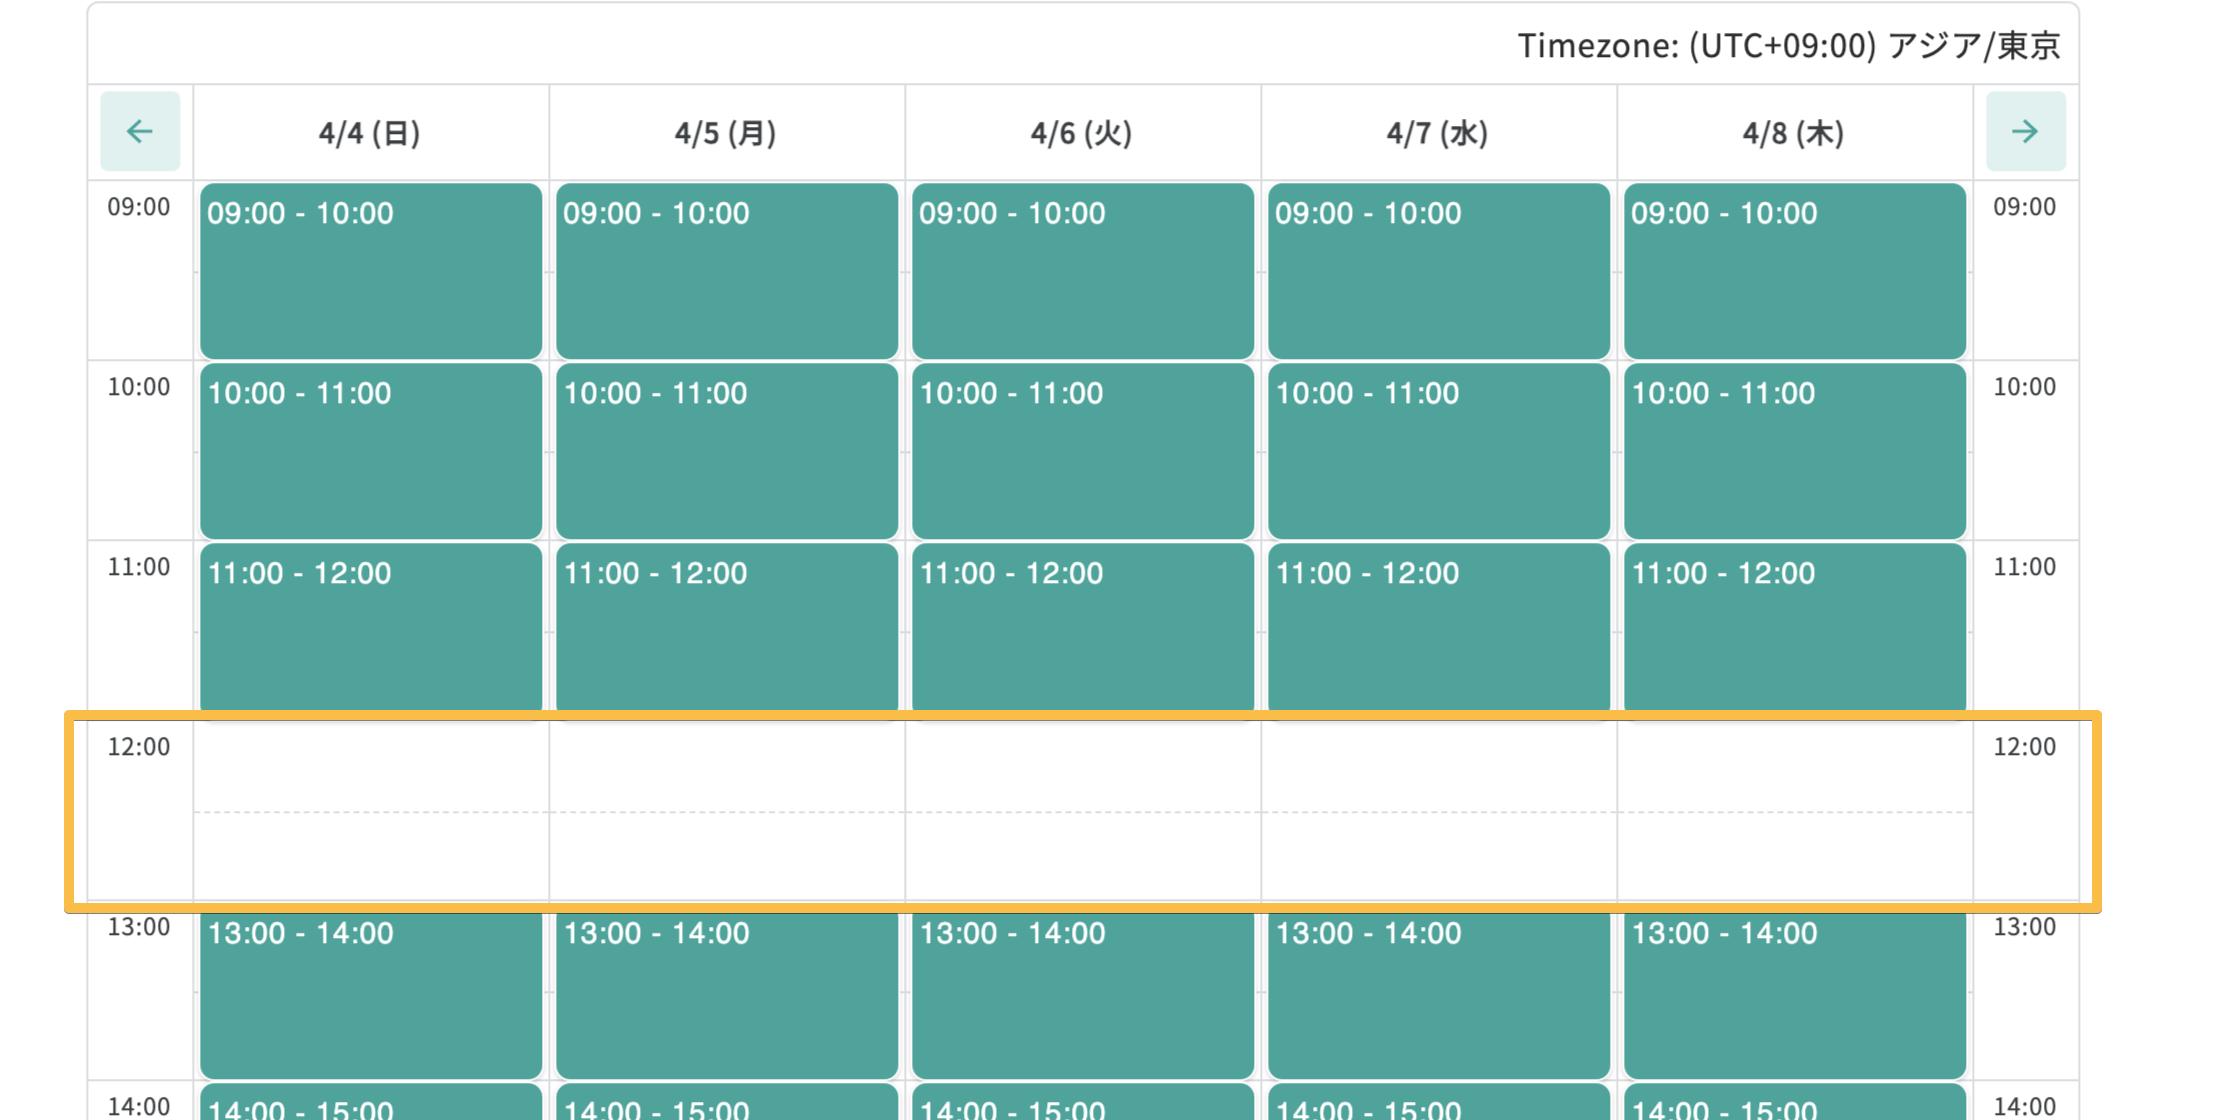 昼休みを設定した日程調整カレンダー